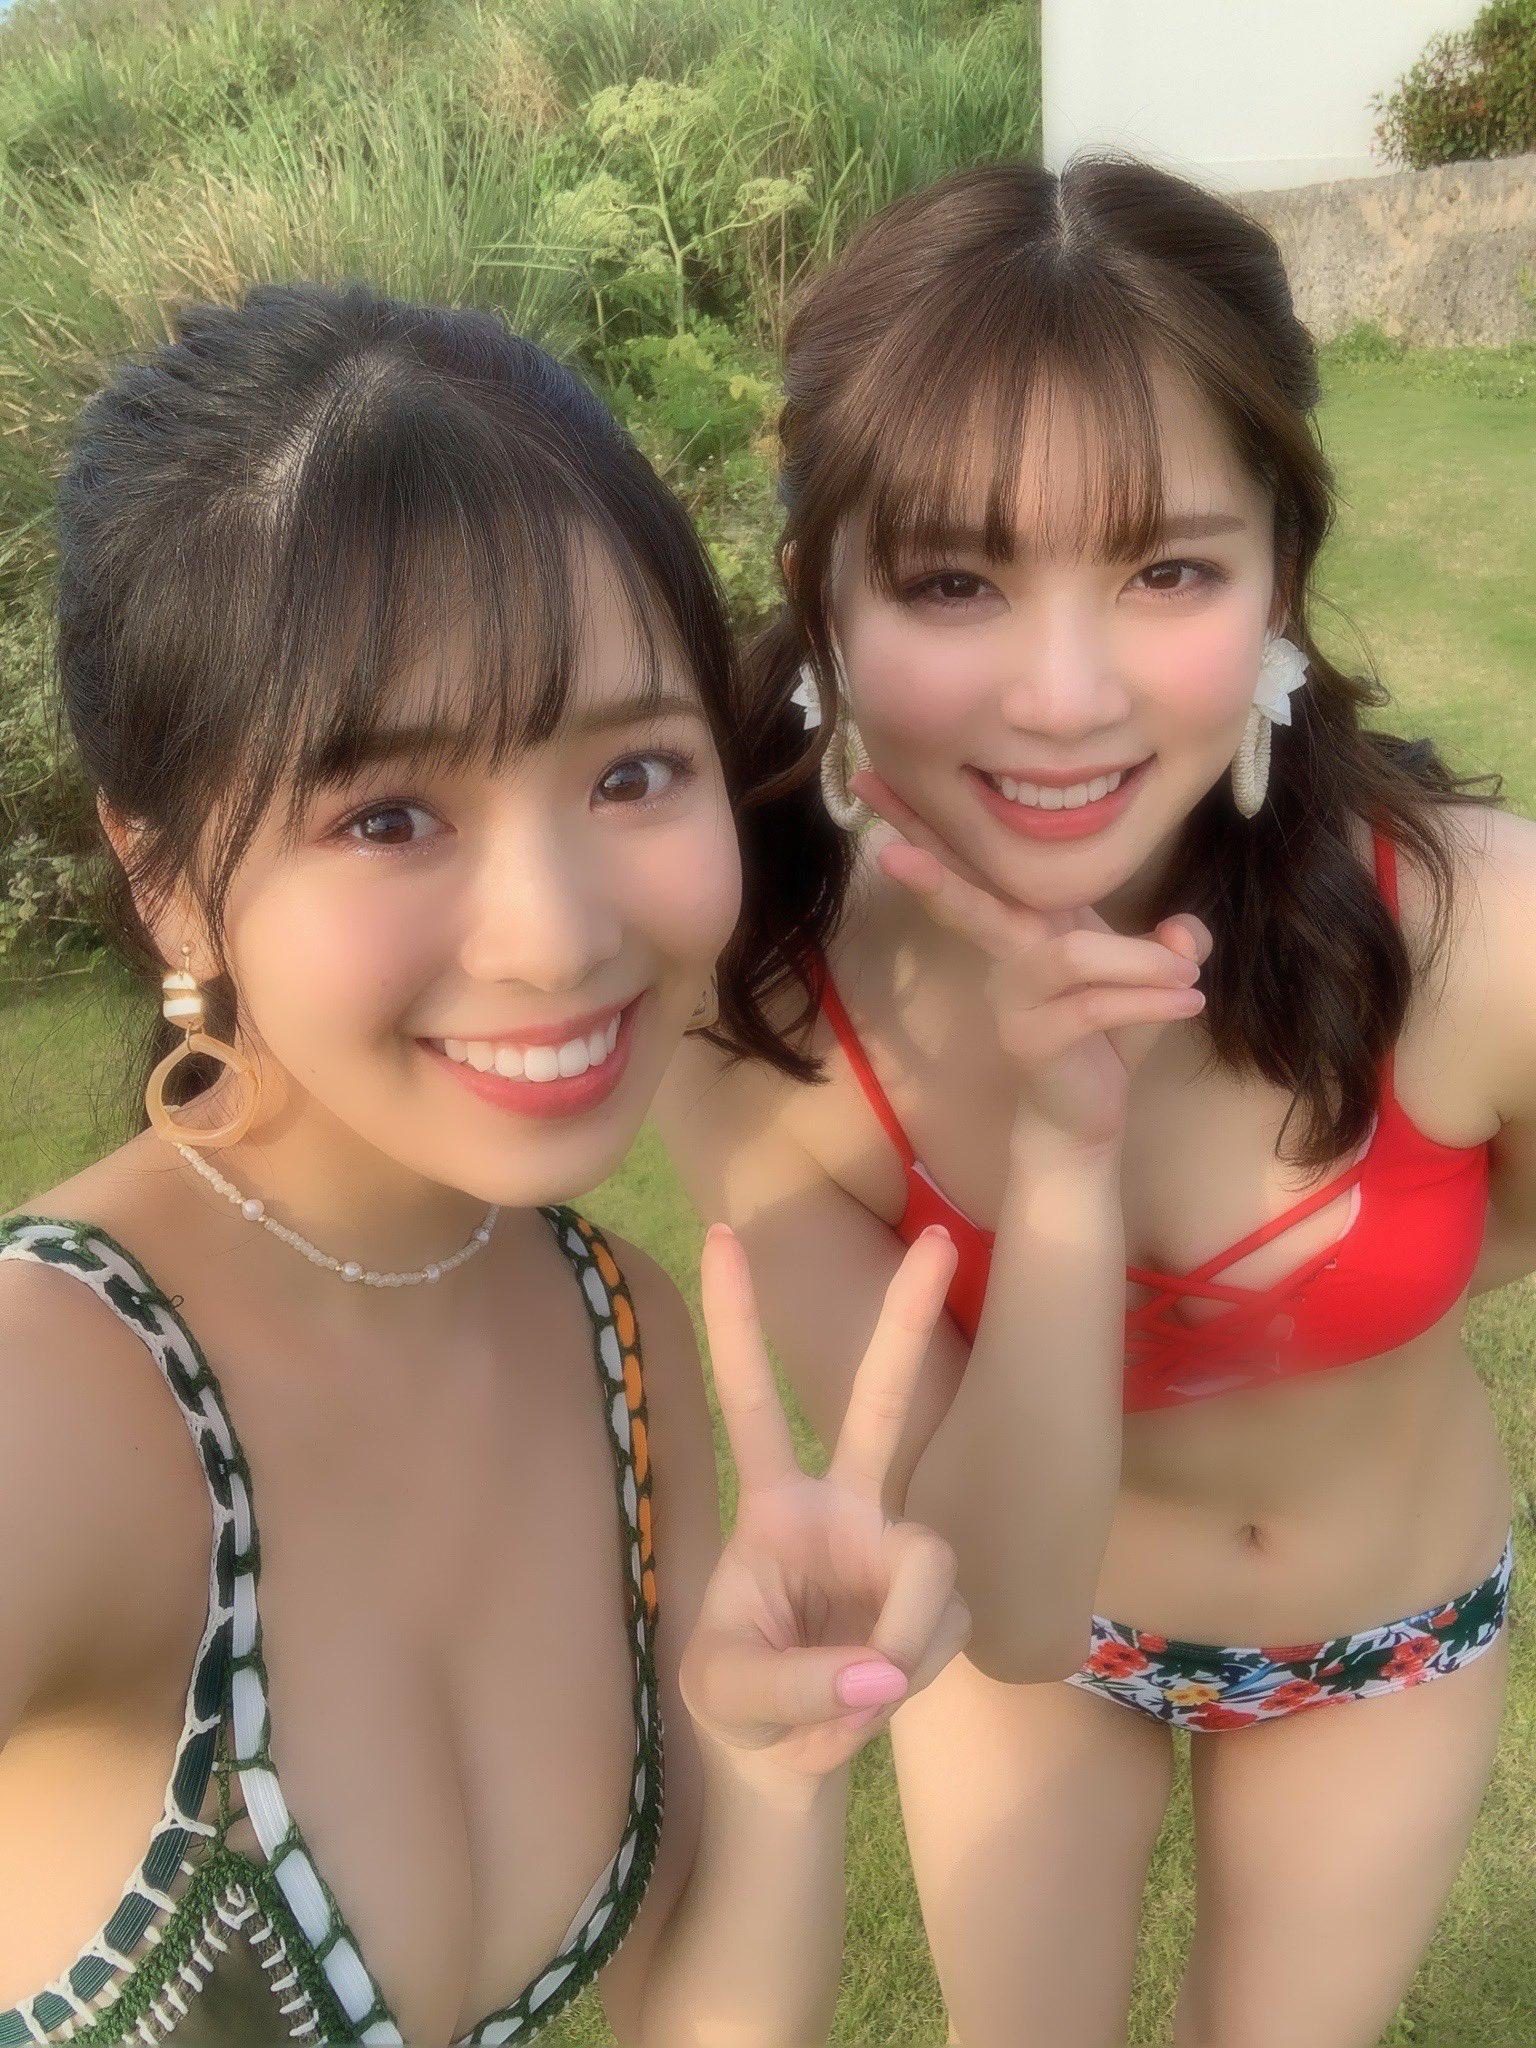 NGT48奈良未遥「嬉しすぎる組み合わせ…」NMB48安田桃寧とビキニで仲良くツーショット【画像3枚】の画像002